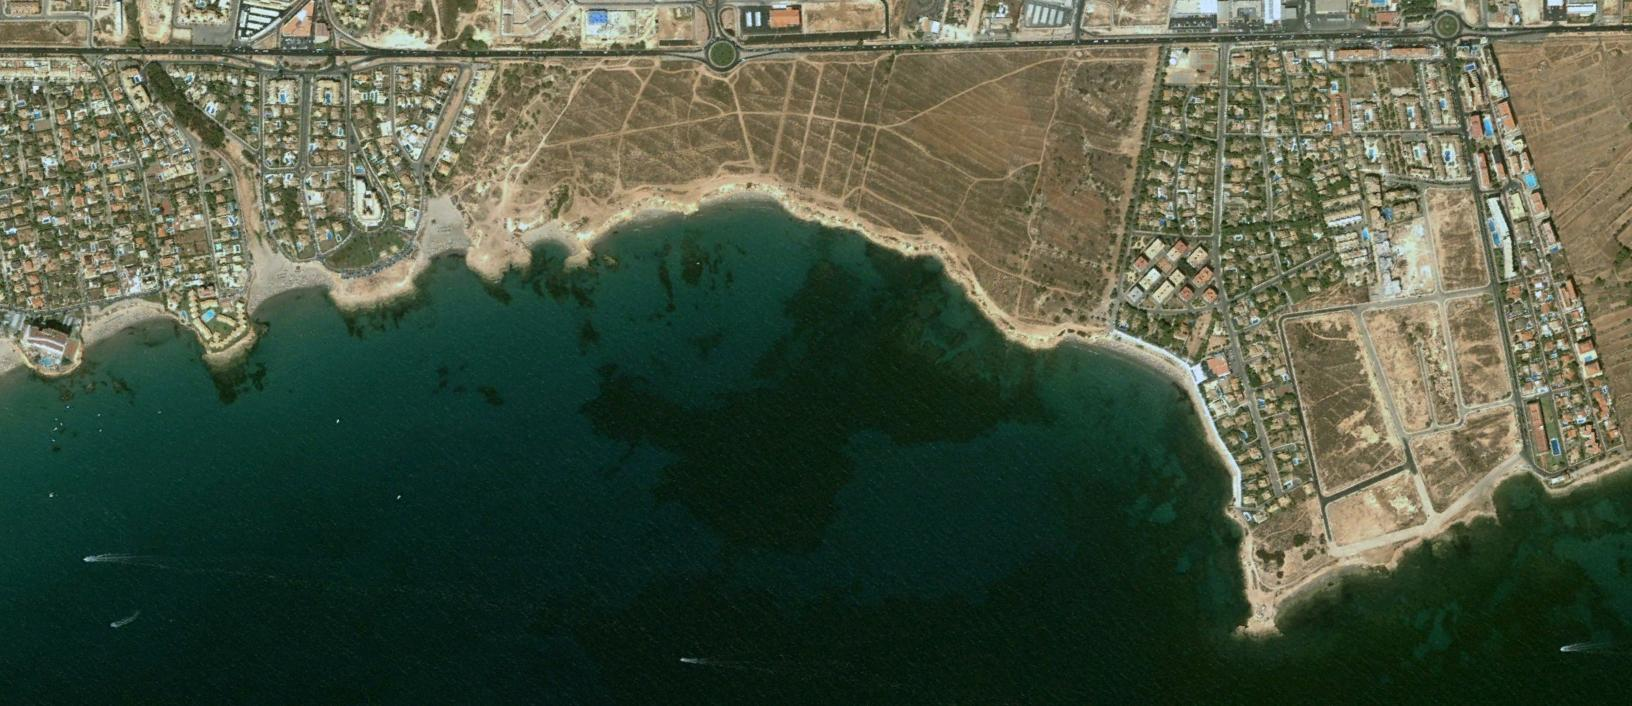 punta flamenca, alicante, flamingoess point, antes, urbanismo, planeamiento, urbano, desastre, urbanístico, construcción